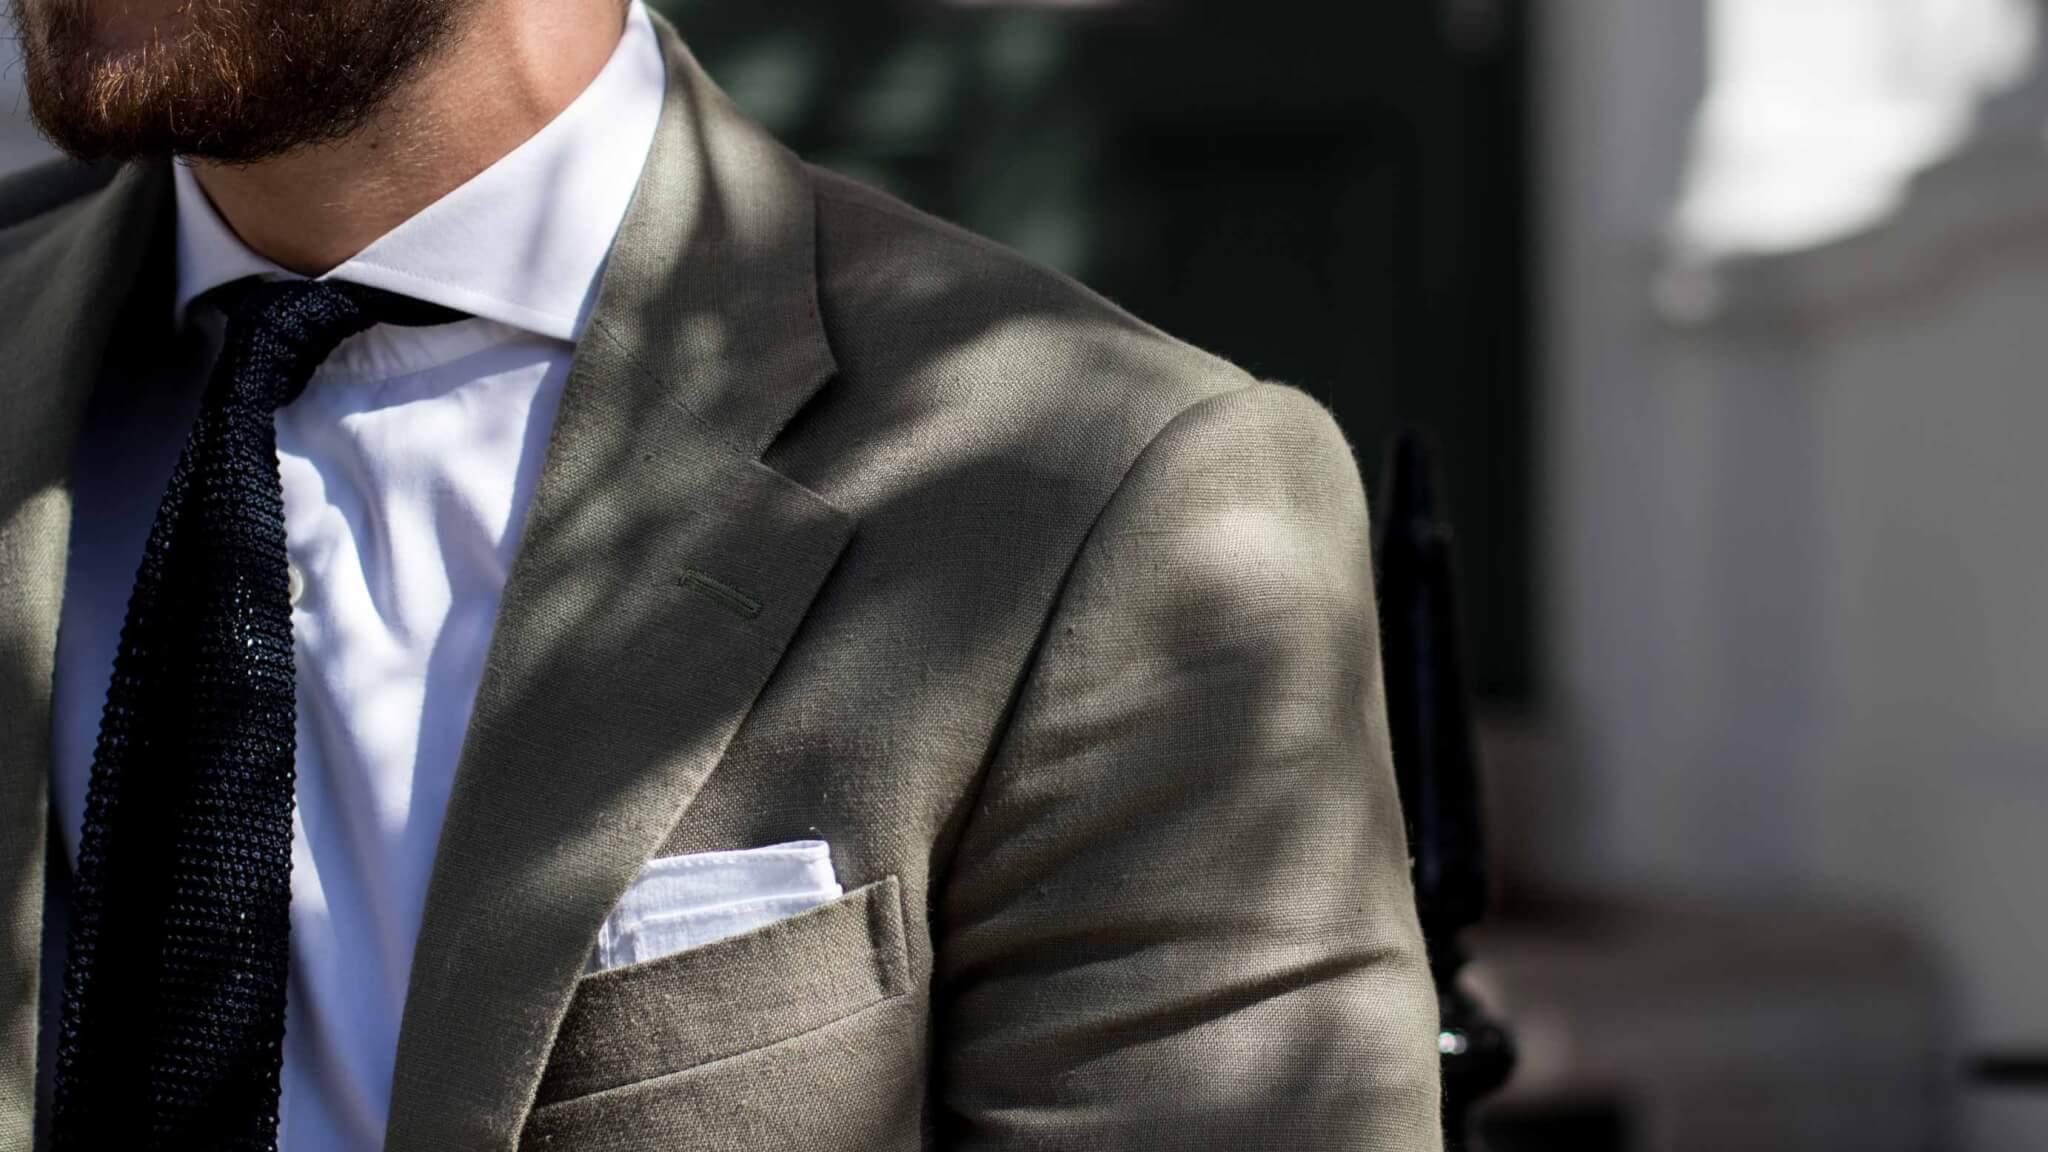 winter suit cloths